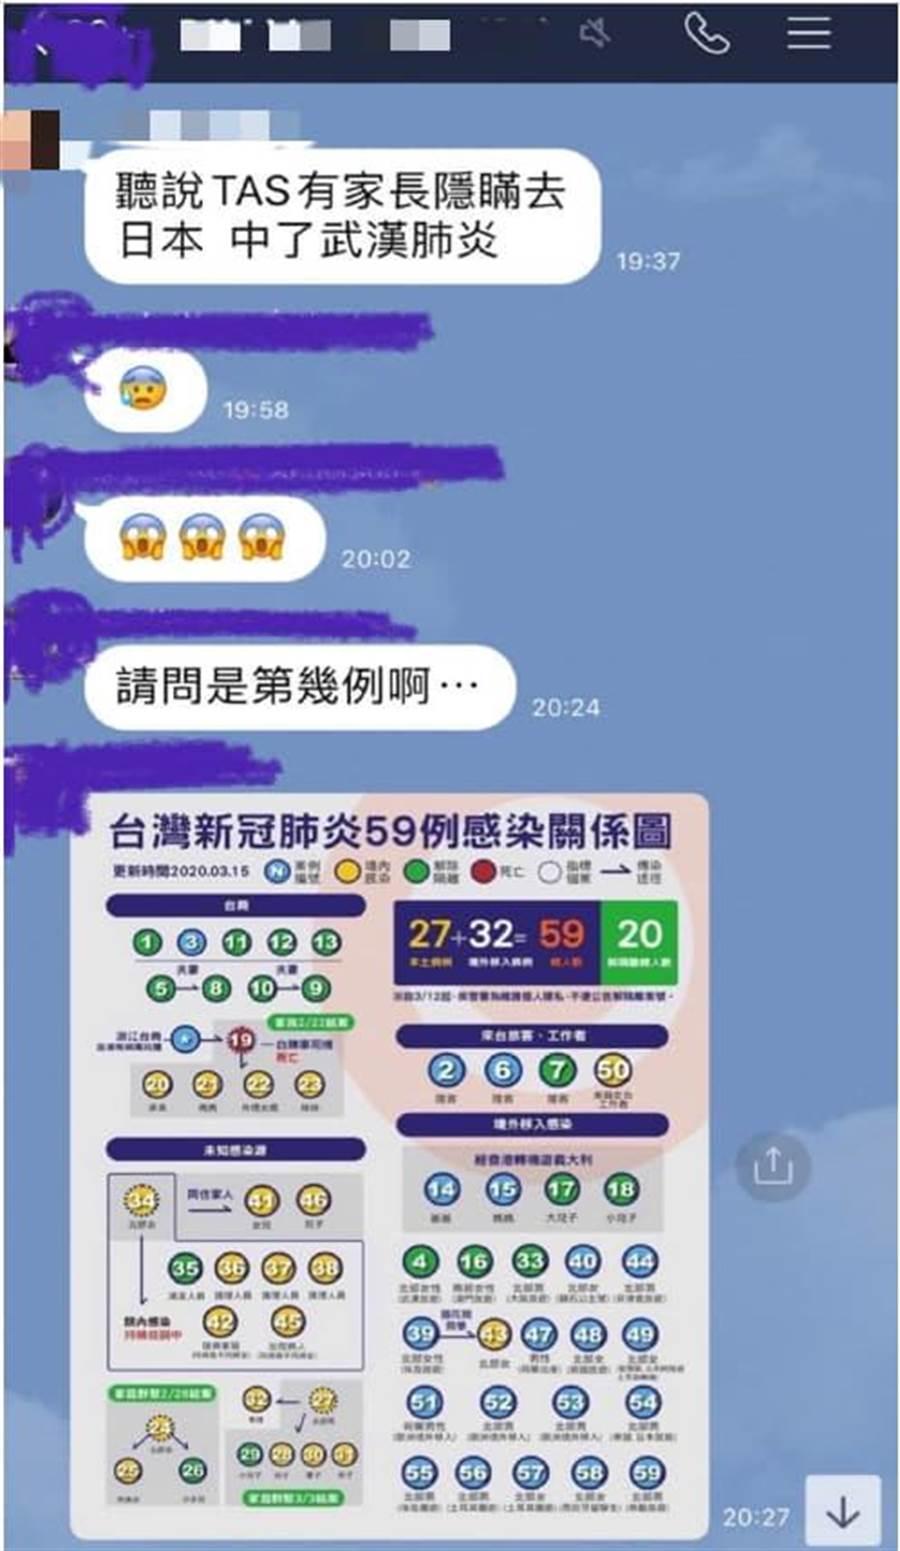 黃姓家庭主婦在LINE群組張貼「聽說TAS有家長隱瞞去日本,中了新冠肺炎」,被認定是散布假訊息。(翻攝照片/林郁平台北傳真)